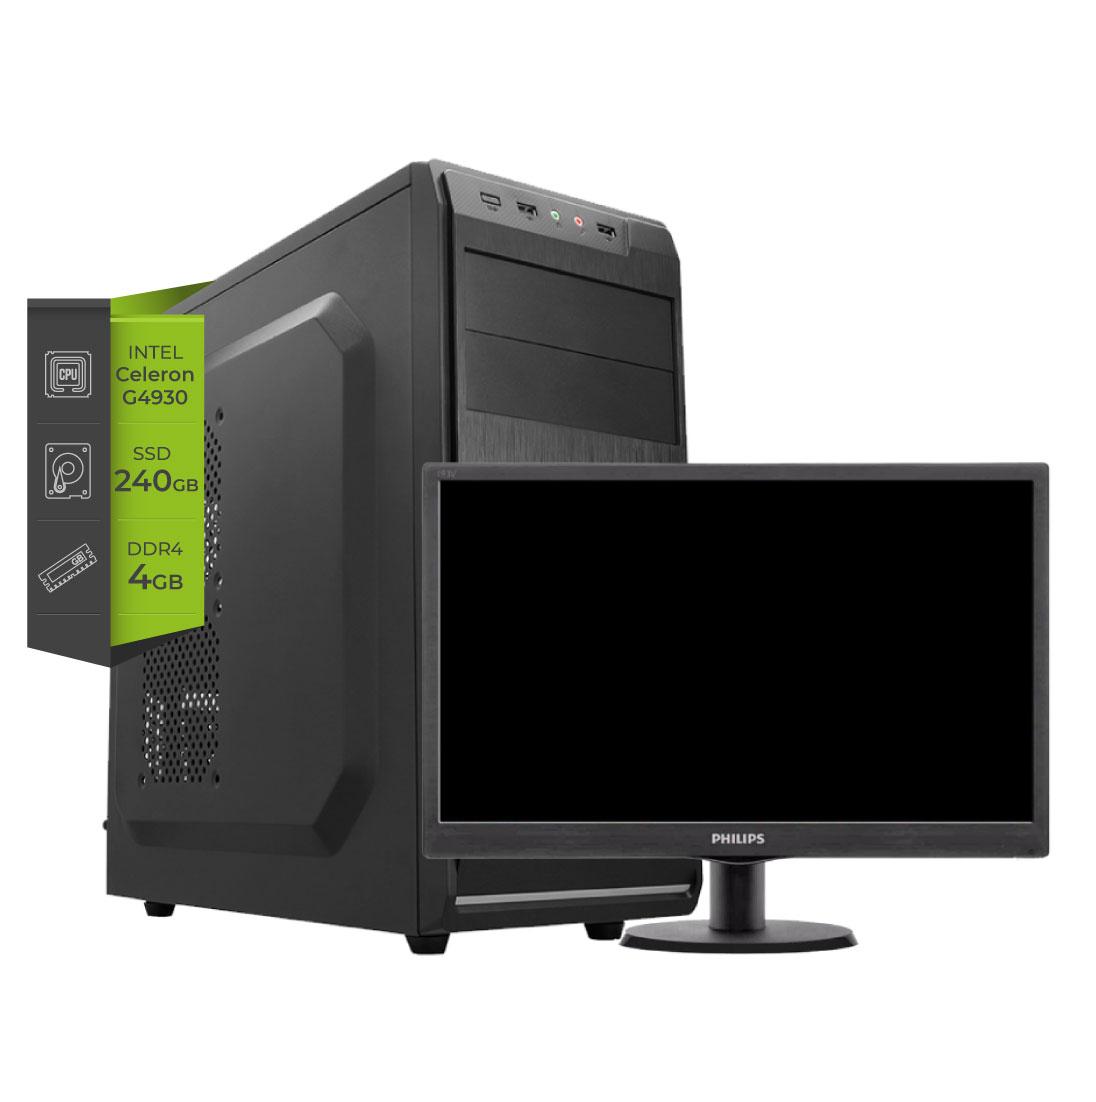 PC Intel Celeron G4930 SSD 240gb 4Gb DDR4 + Monitor Led 22